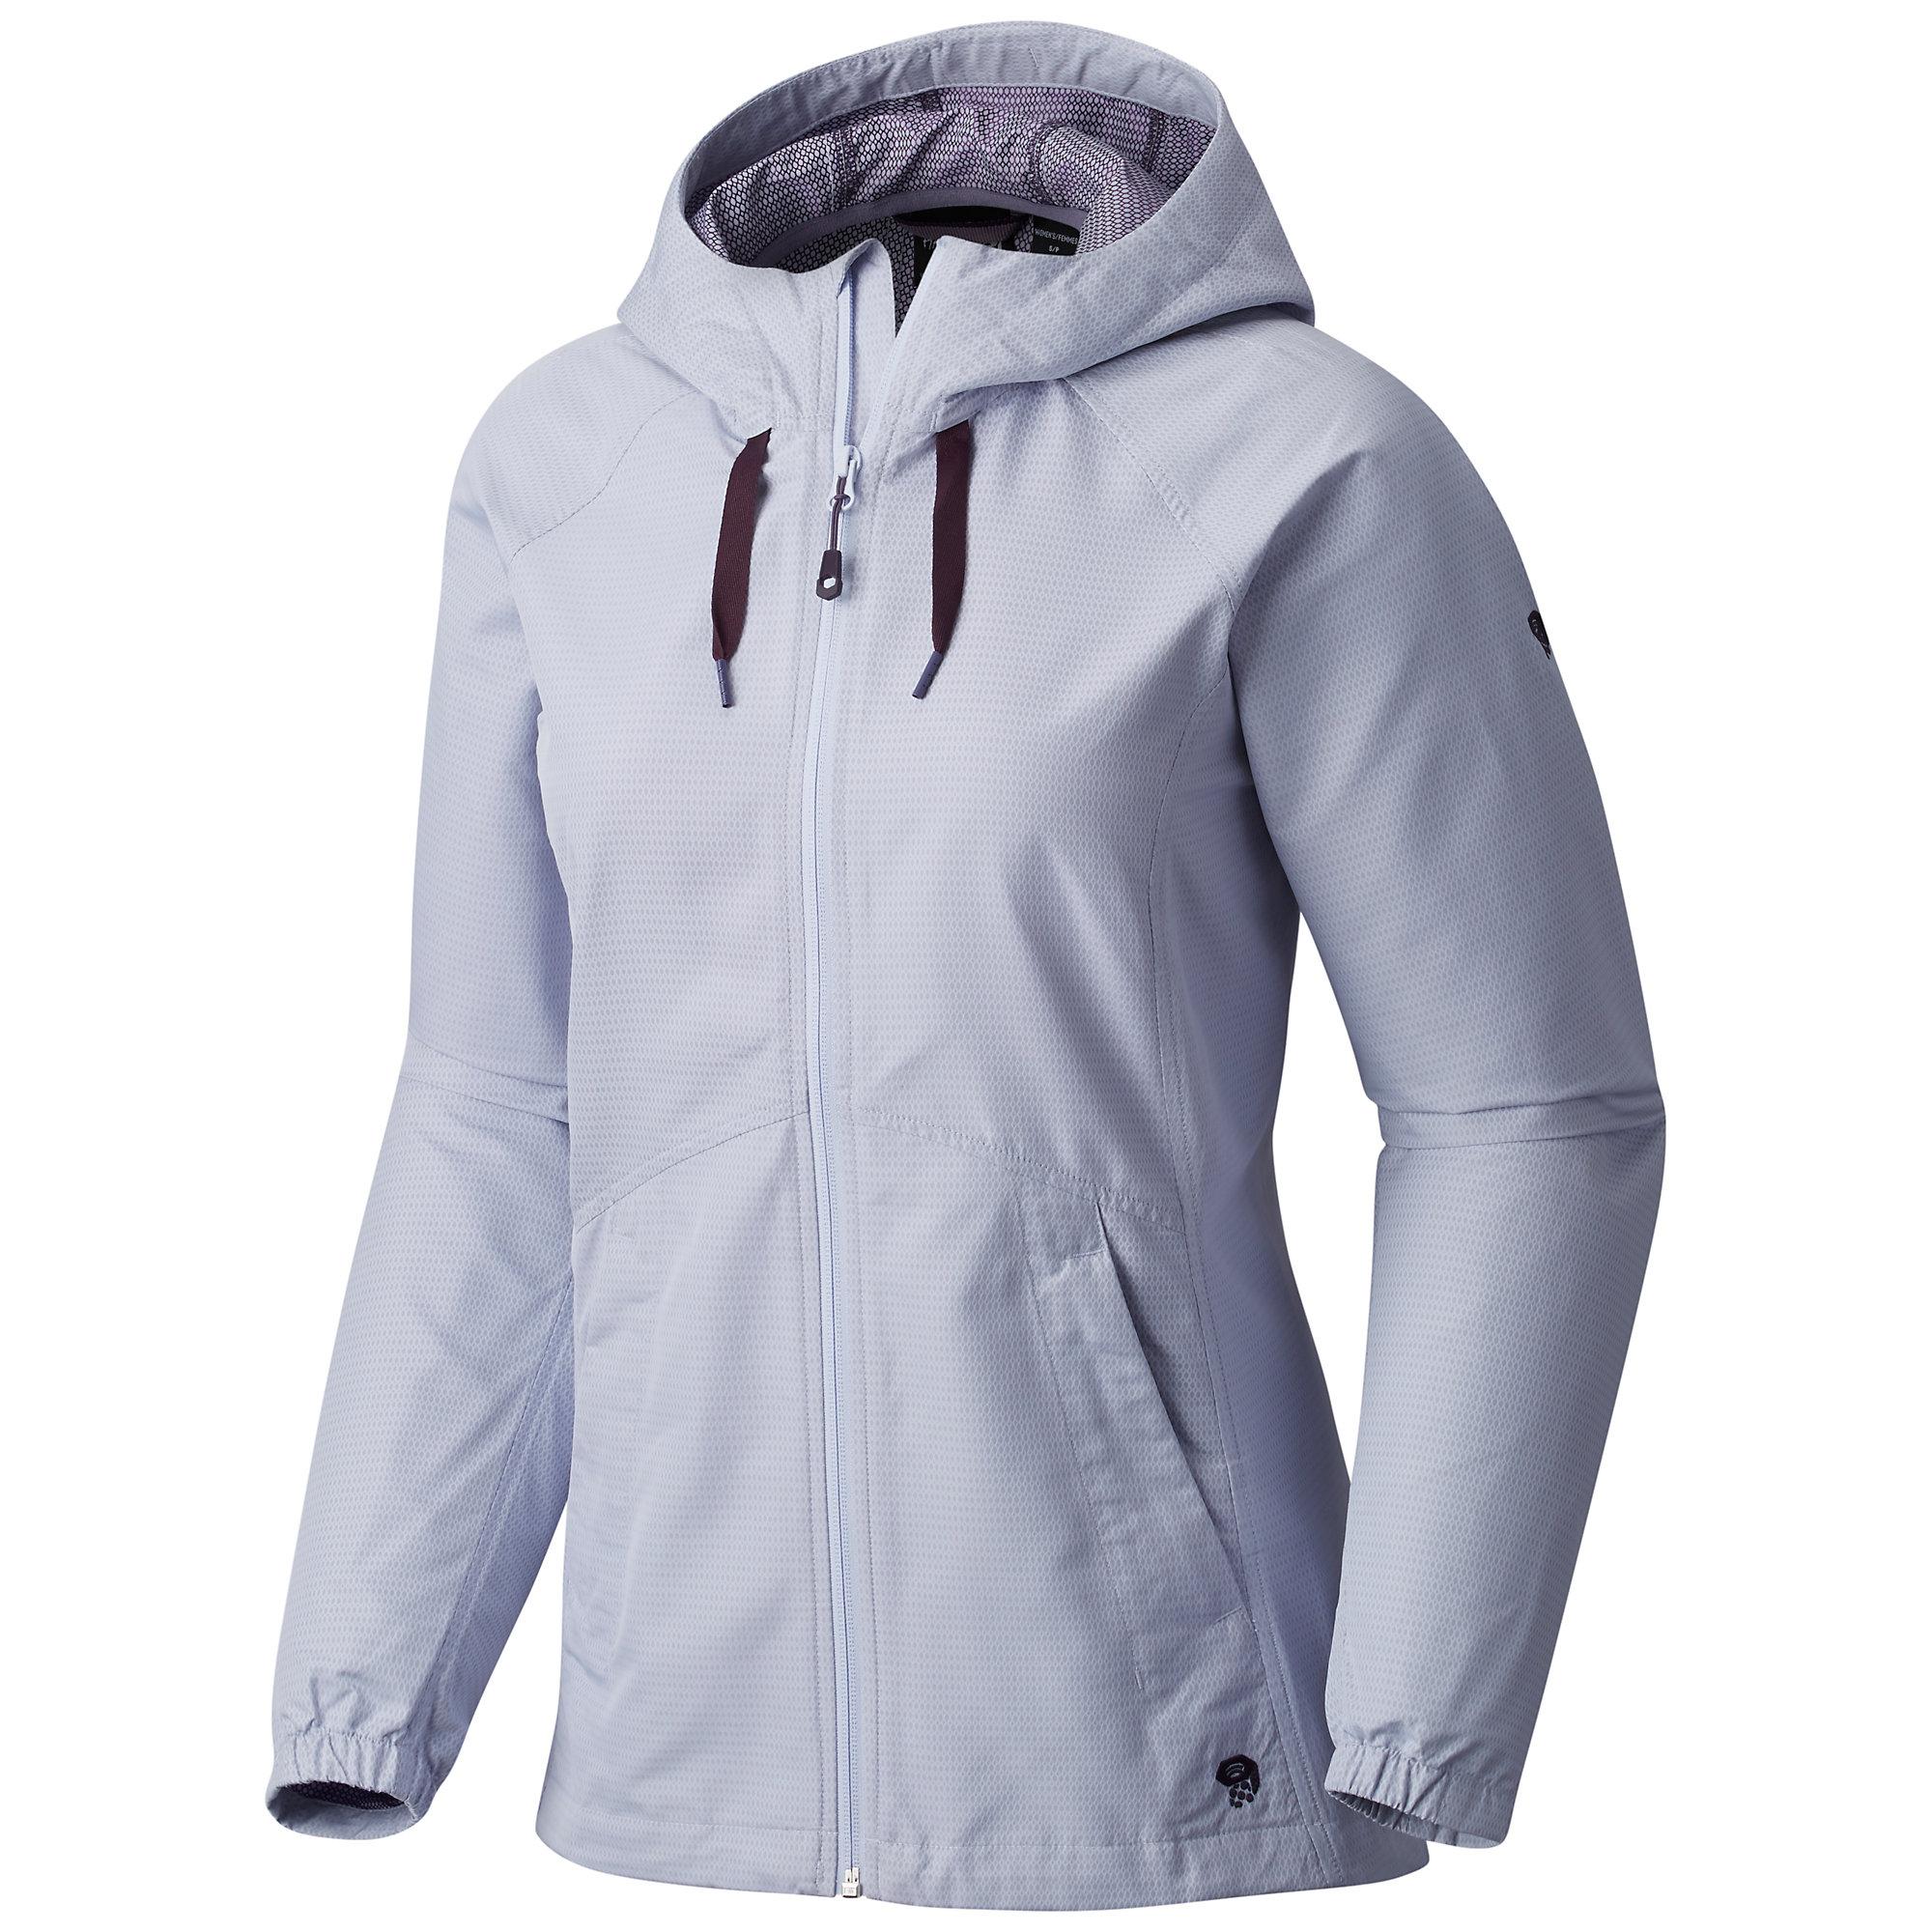 Mountain Hardwear Wind Activa Jacket